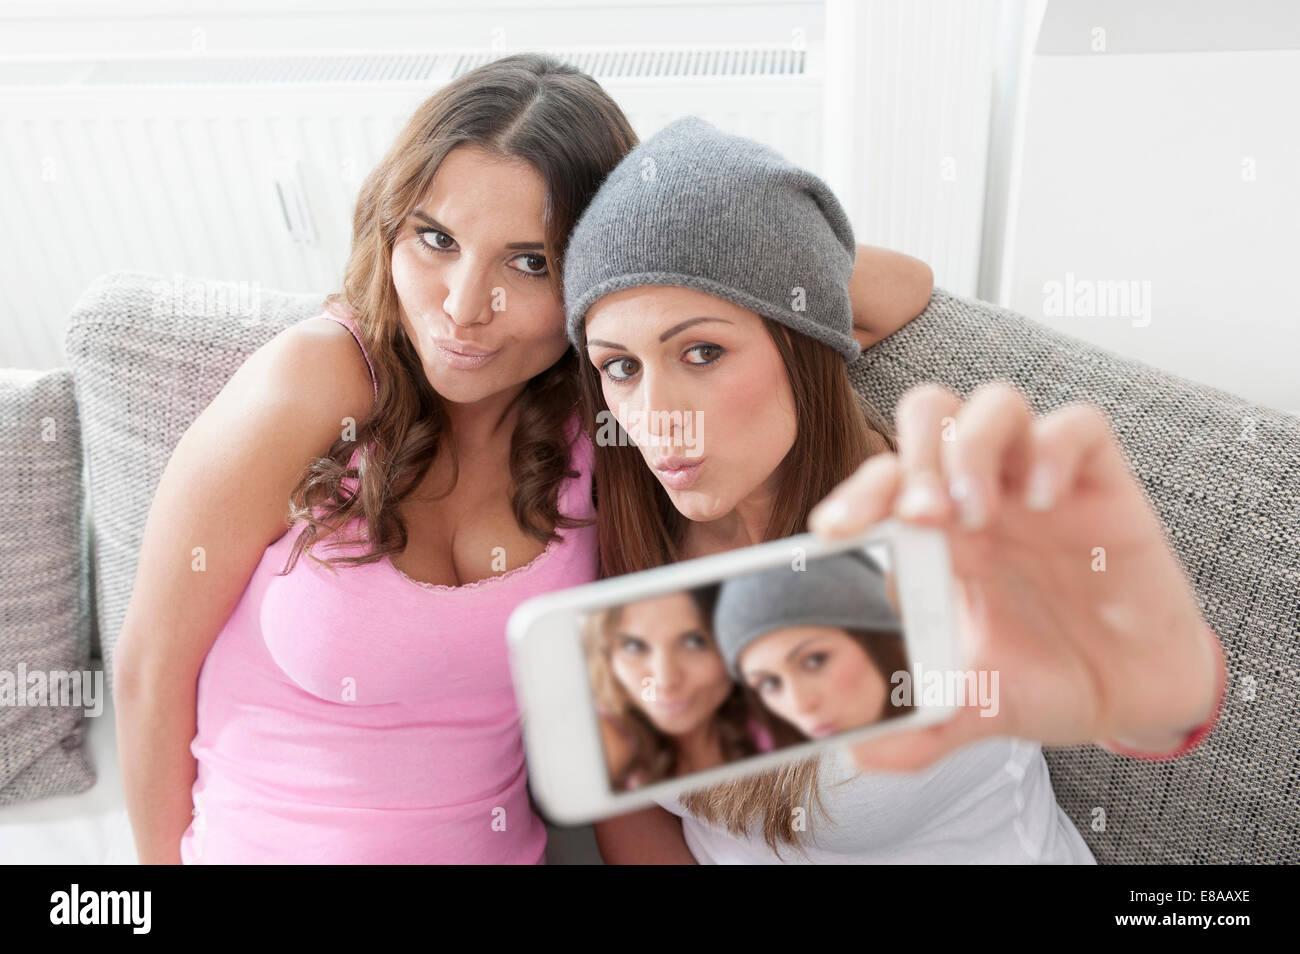 Due giovani donne a fotografare herselves Immagini Stock